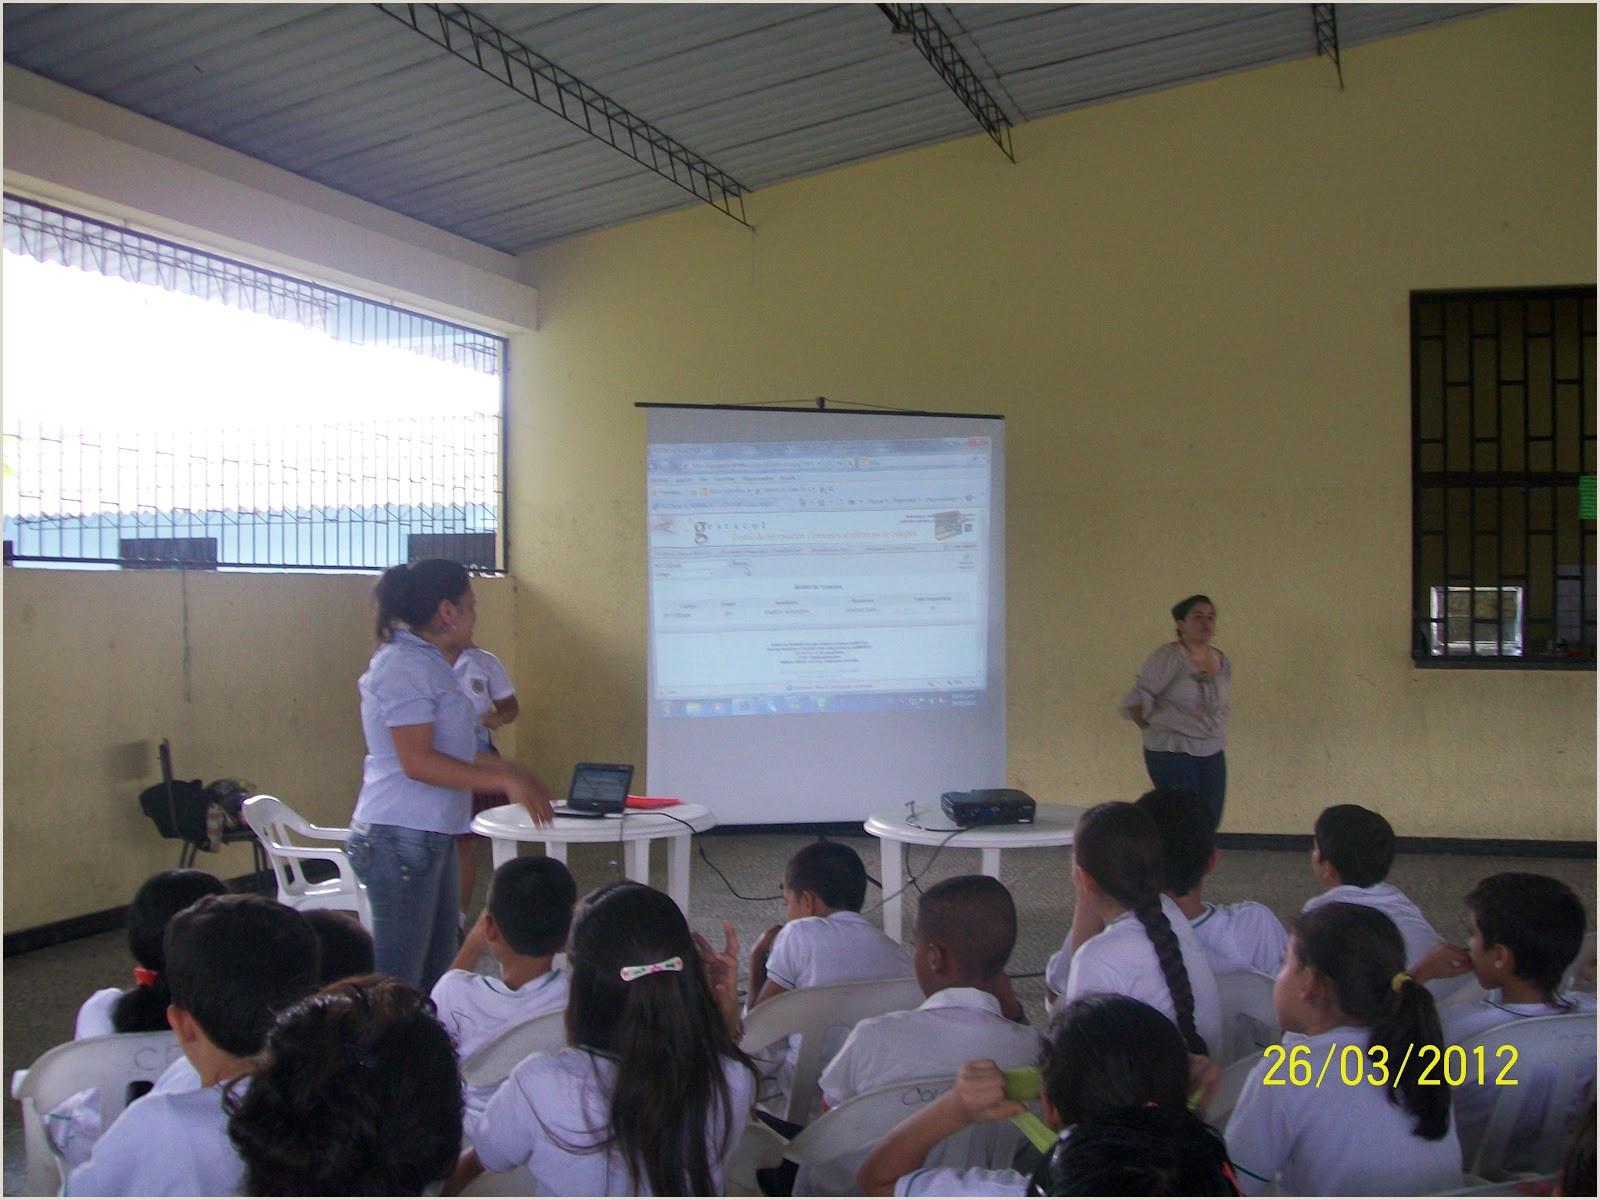 Formato De Hoja De Vida Mundonets Clase 2012 Evidencias 2012